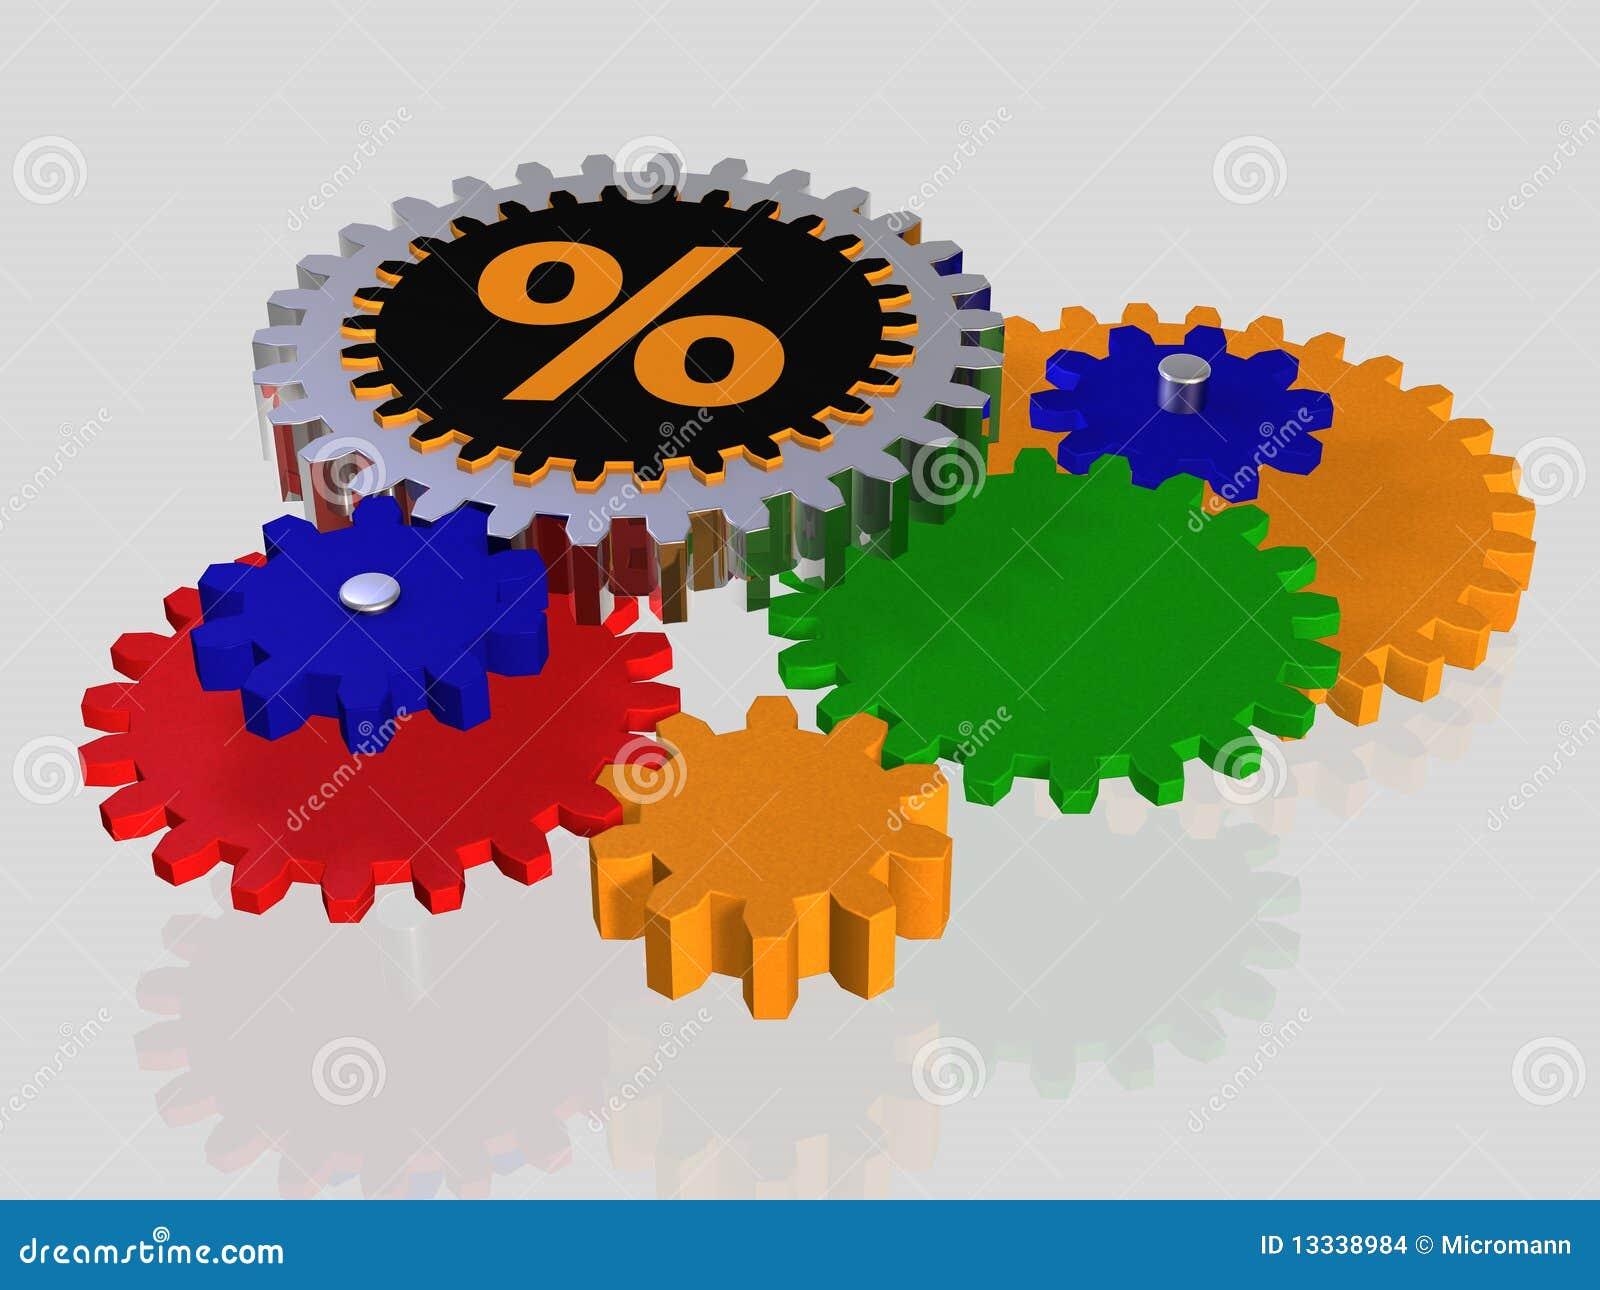 齿轮百分率符号